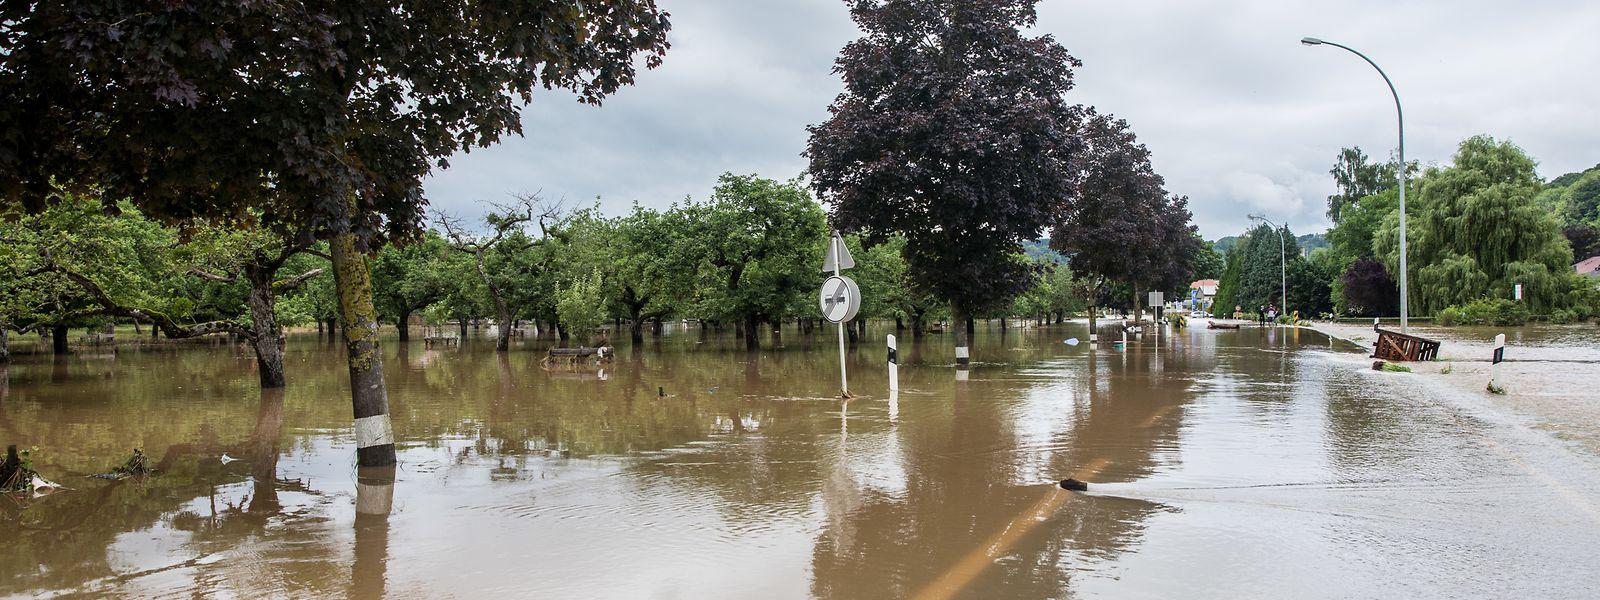 Das Hochwasser hat viele Schäden angerichtet.